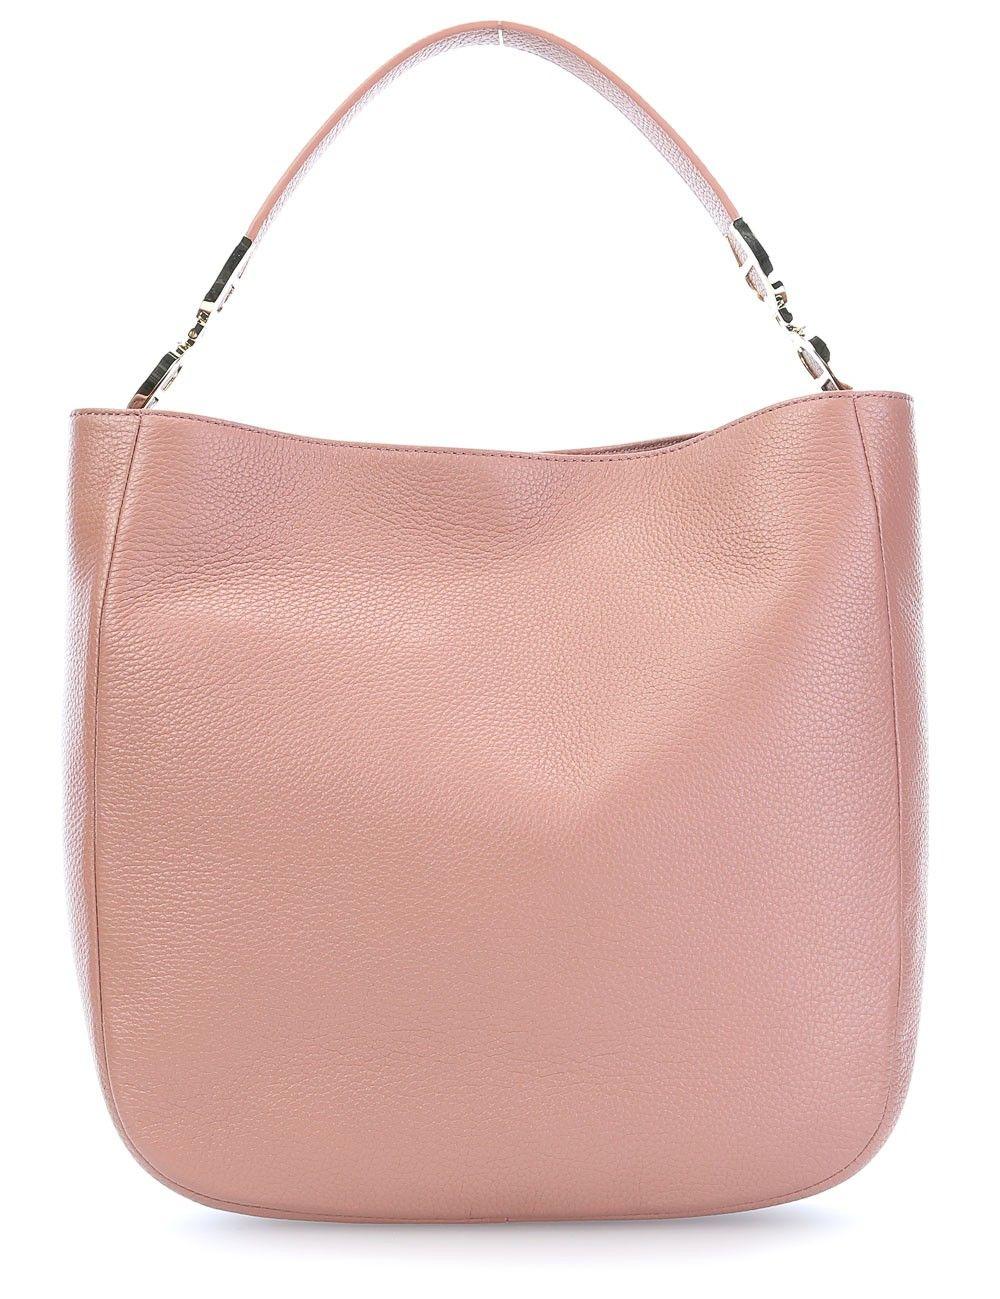 Wardow Com Pastell Bag Soft Colour Aigner Roma Beuteltasche Leder Altrosa 35 Cm Taschen Bags Rose Quartz Und Shoulder Bag